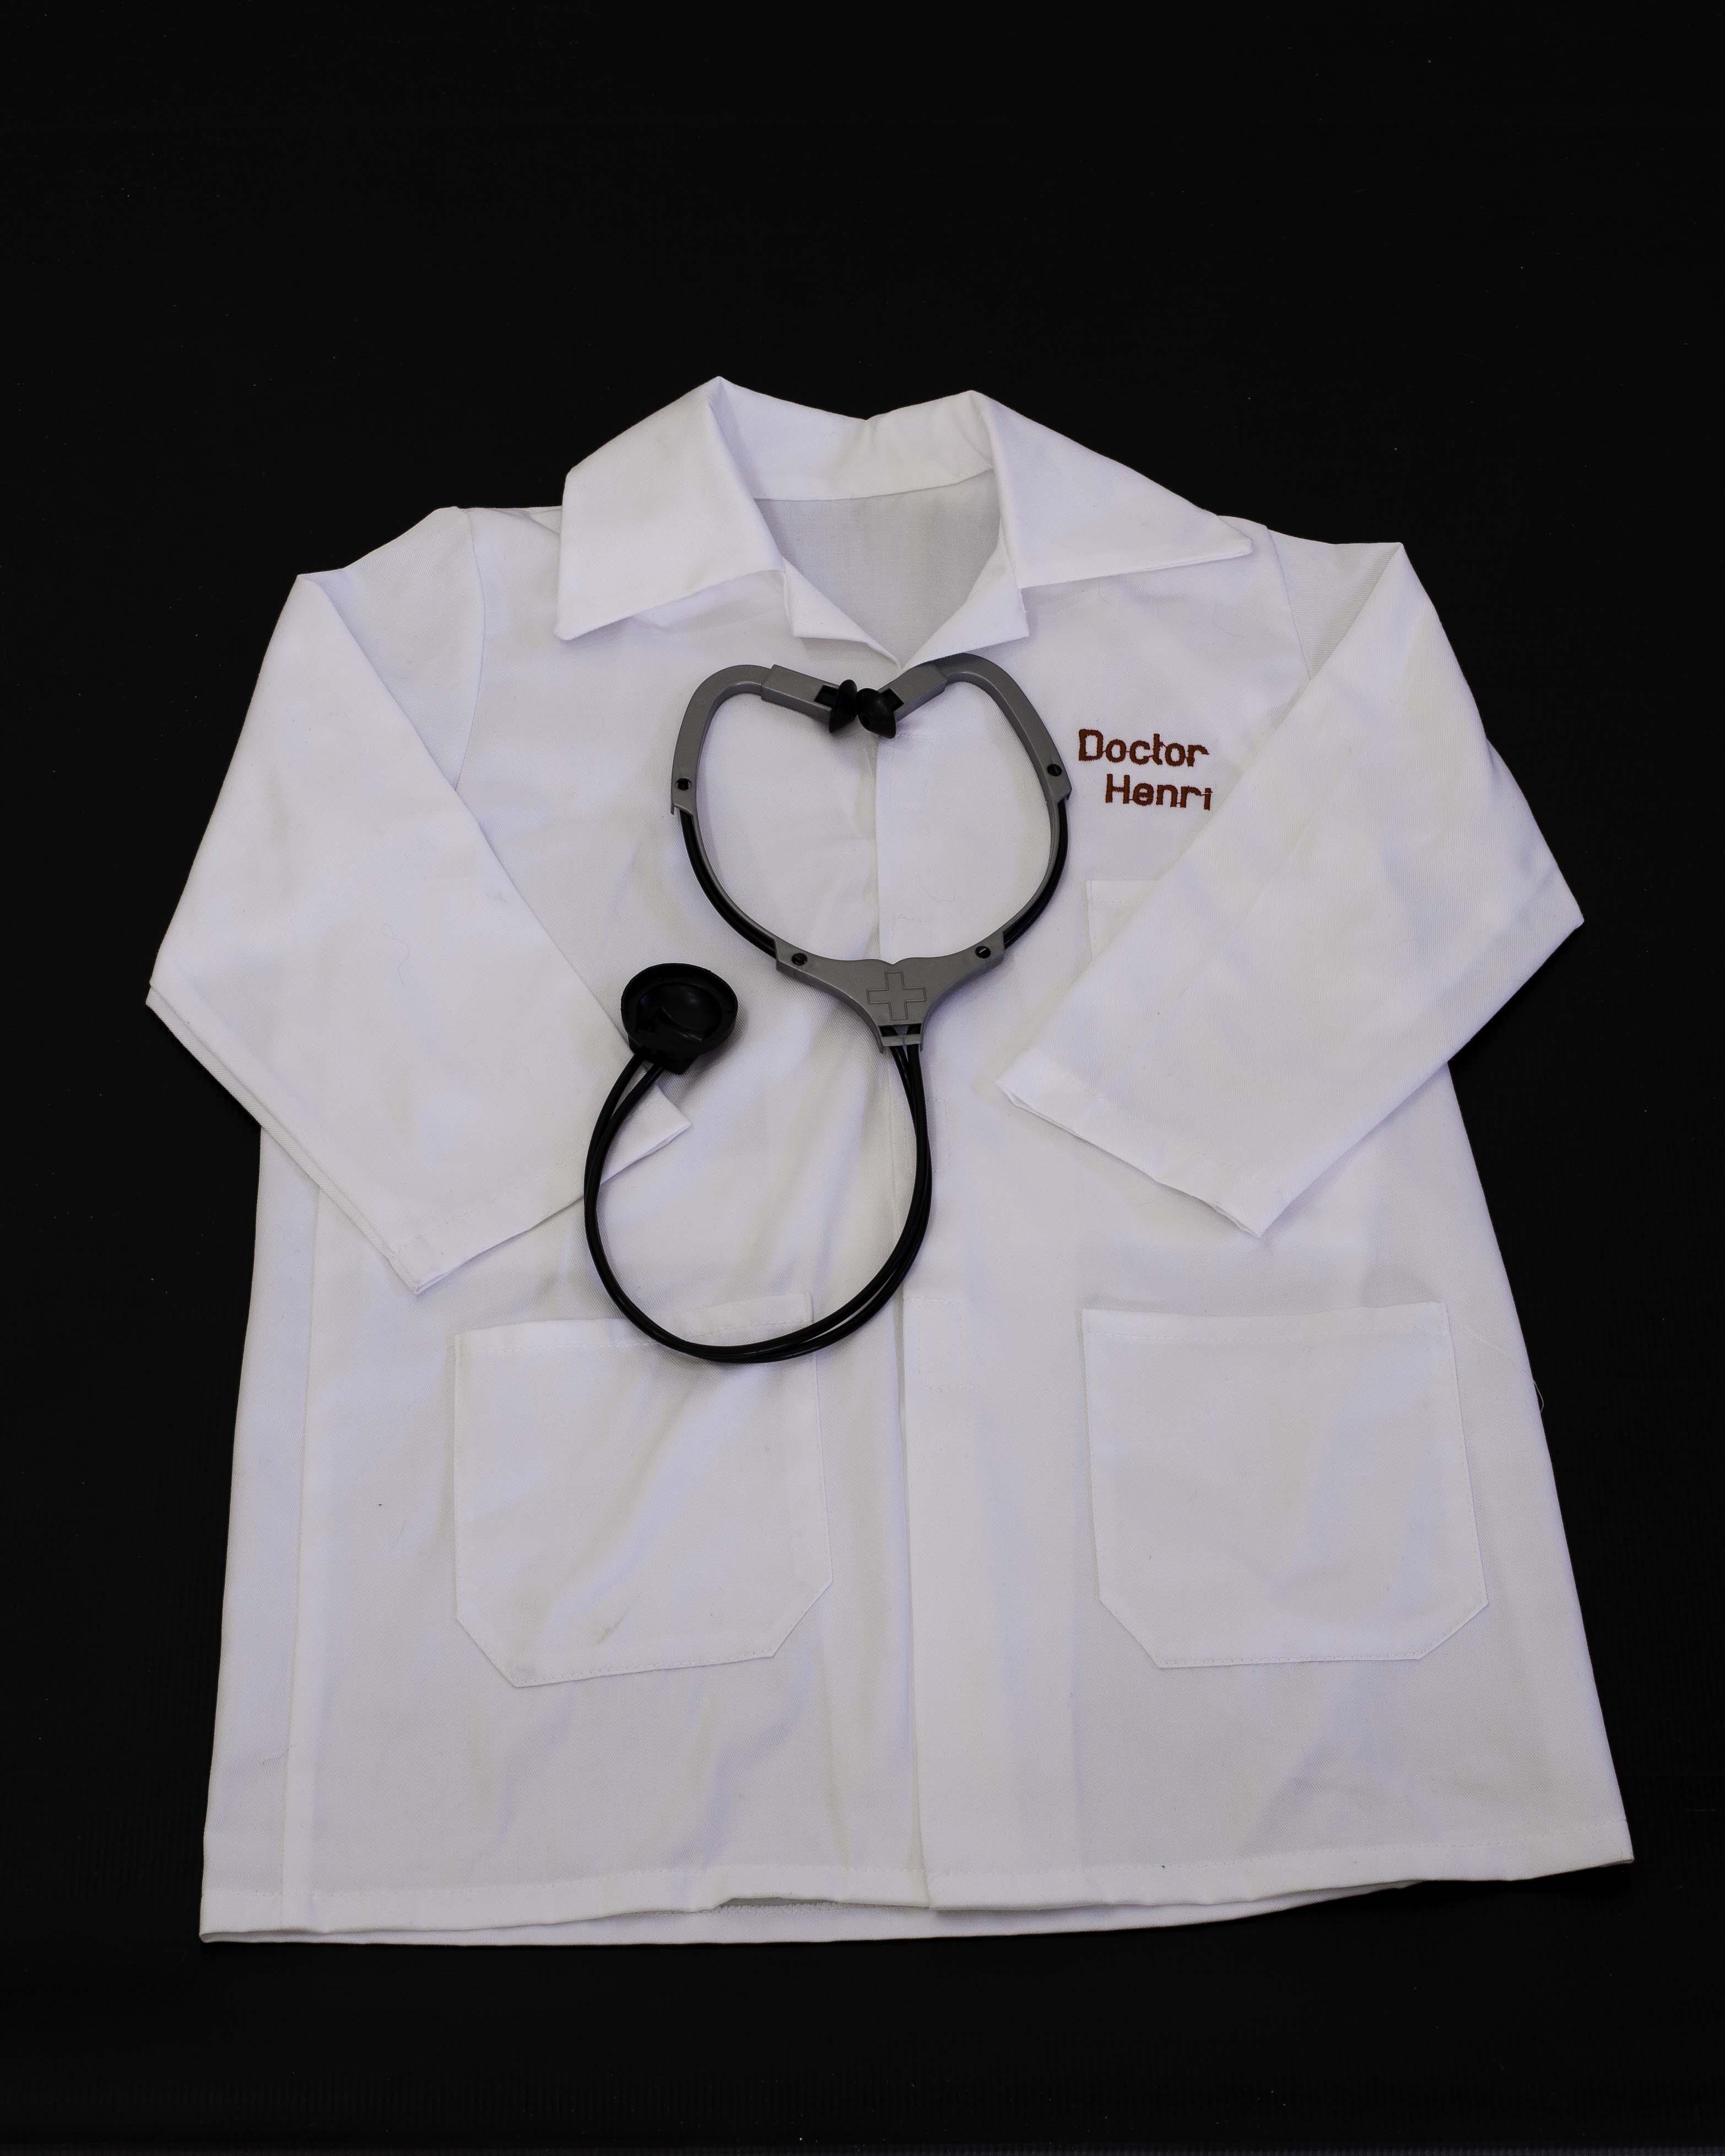 Doctor CK